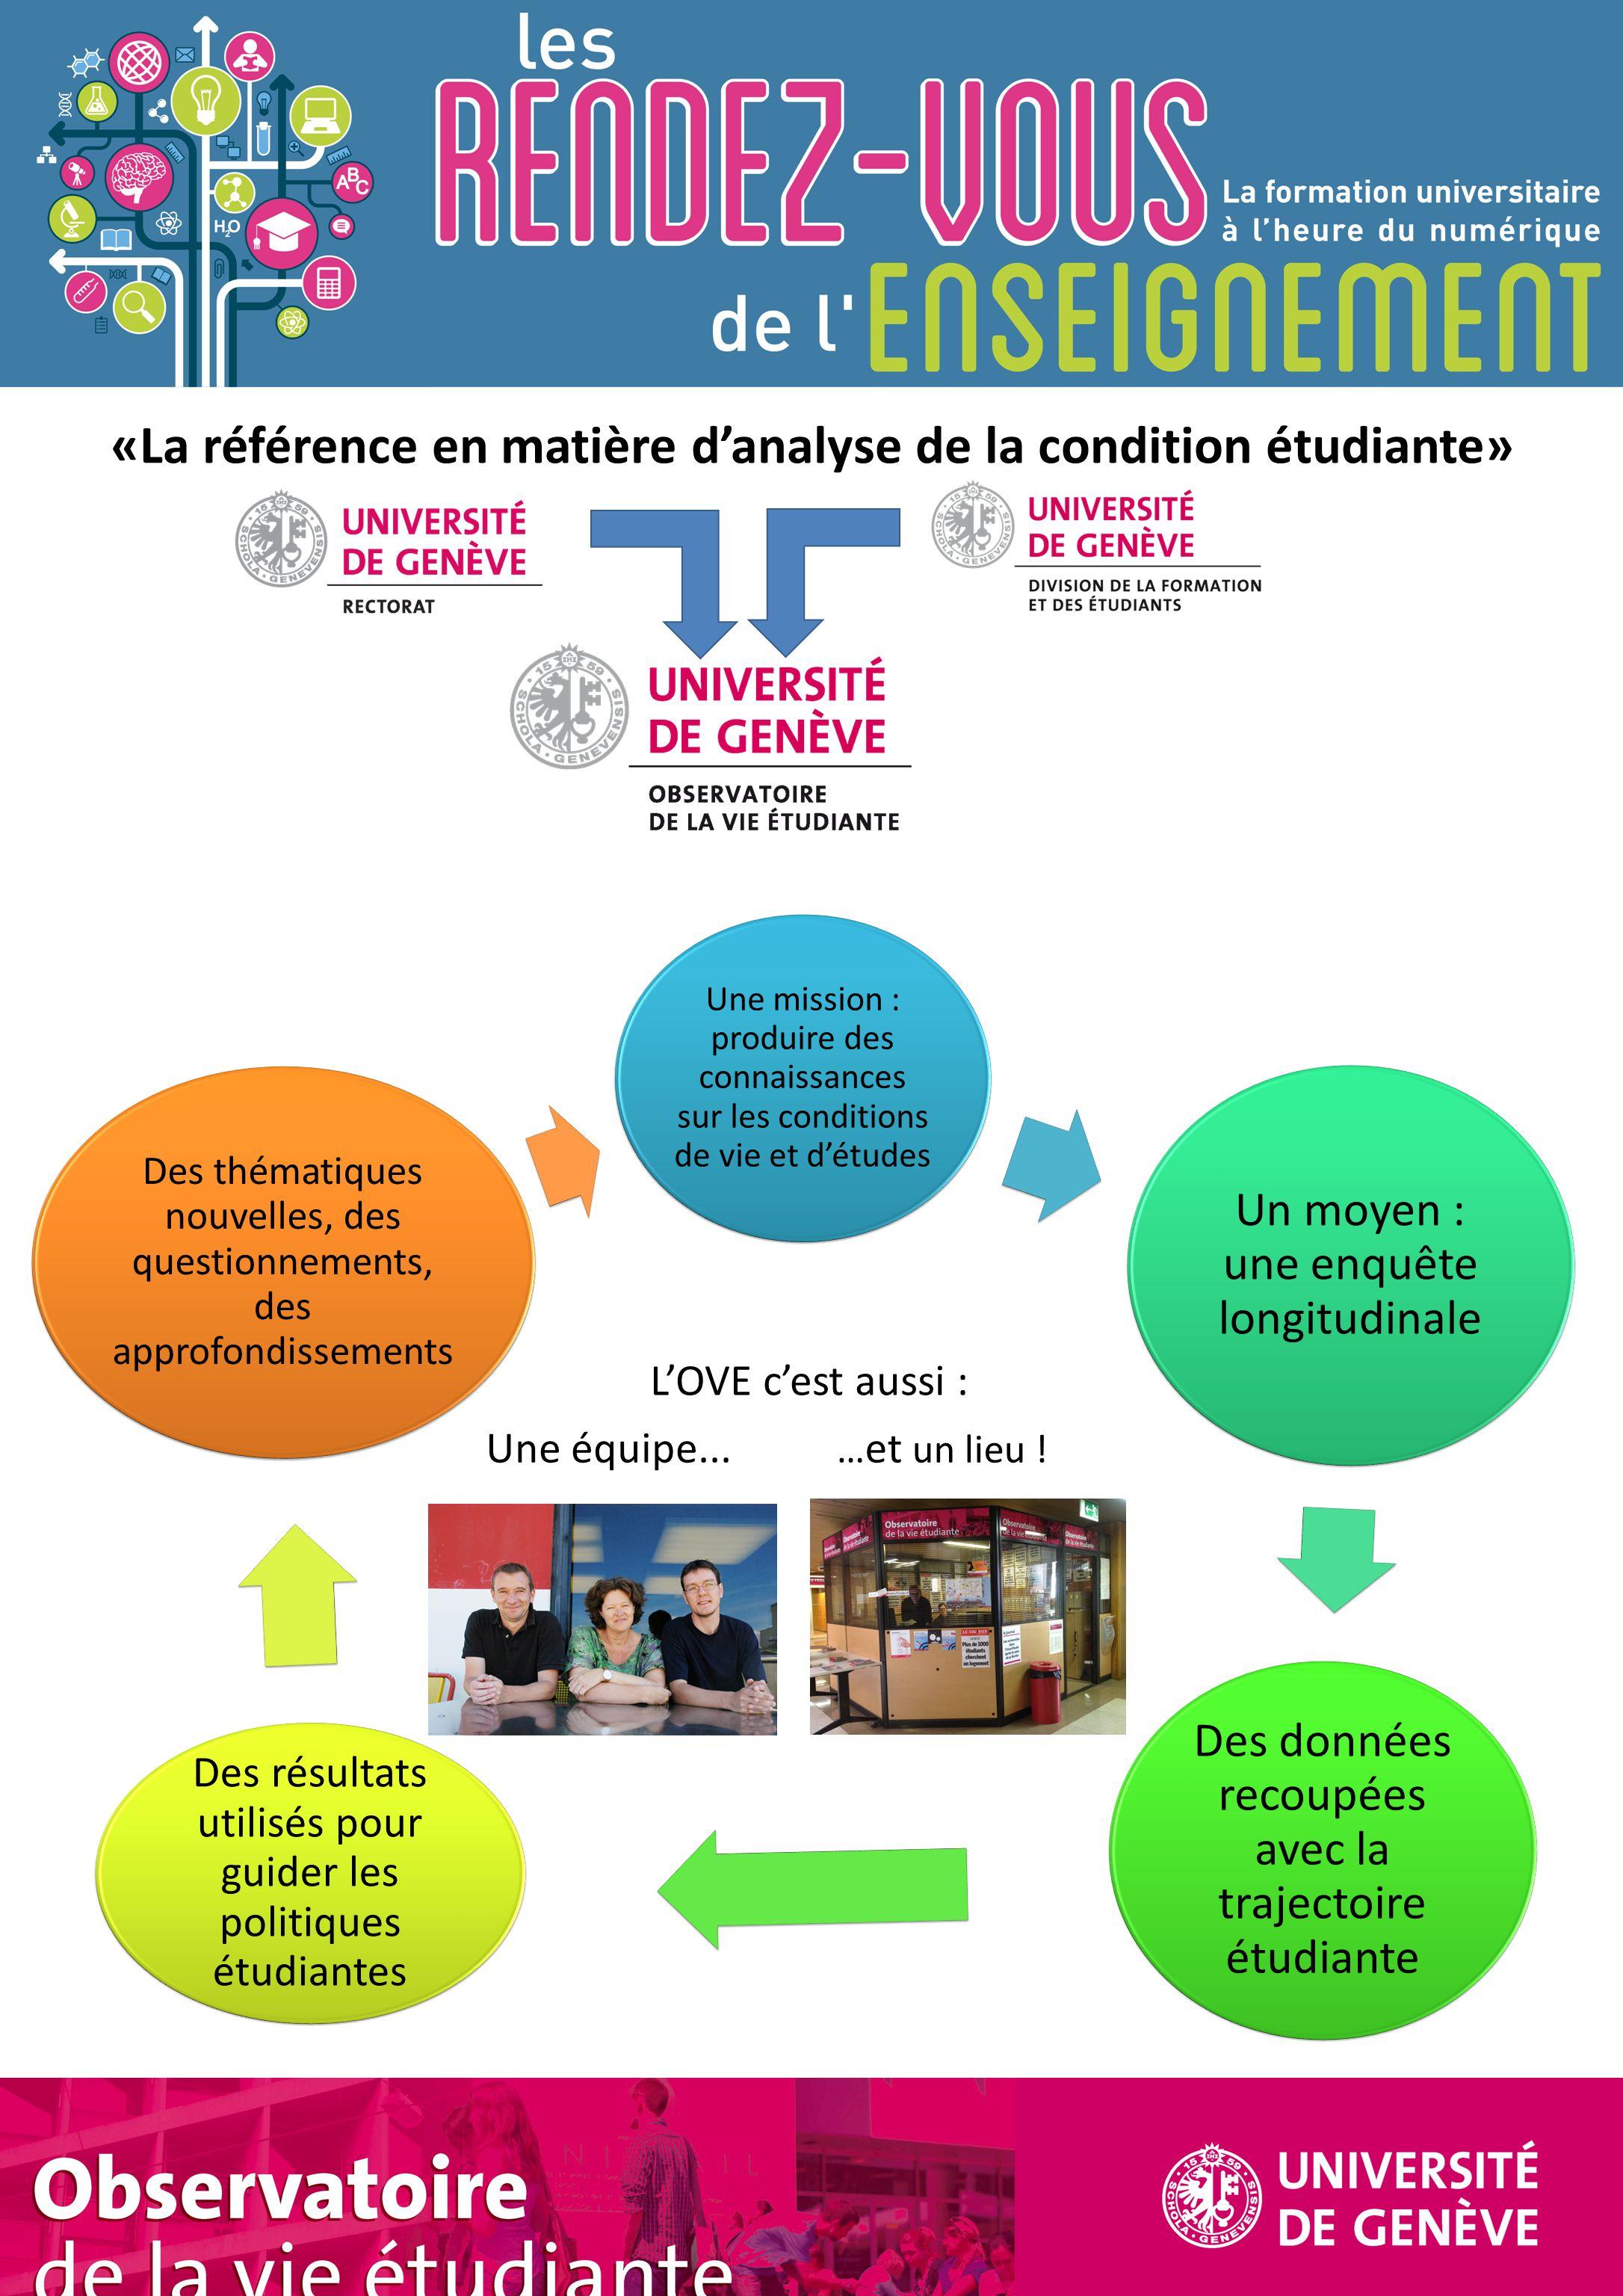 Une mission : produire des connaissances sur les conditions de vie et d'études Un moyen : une enquête longitudinale Des données recoupées avec la traj